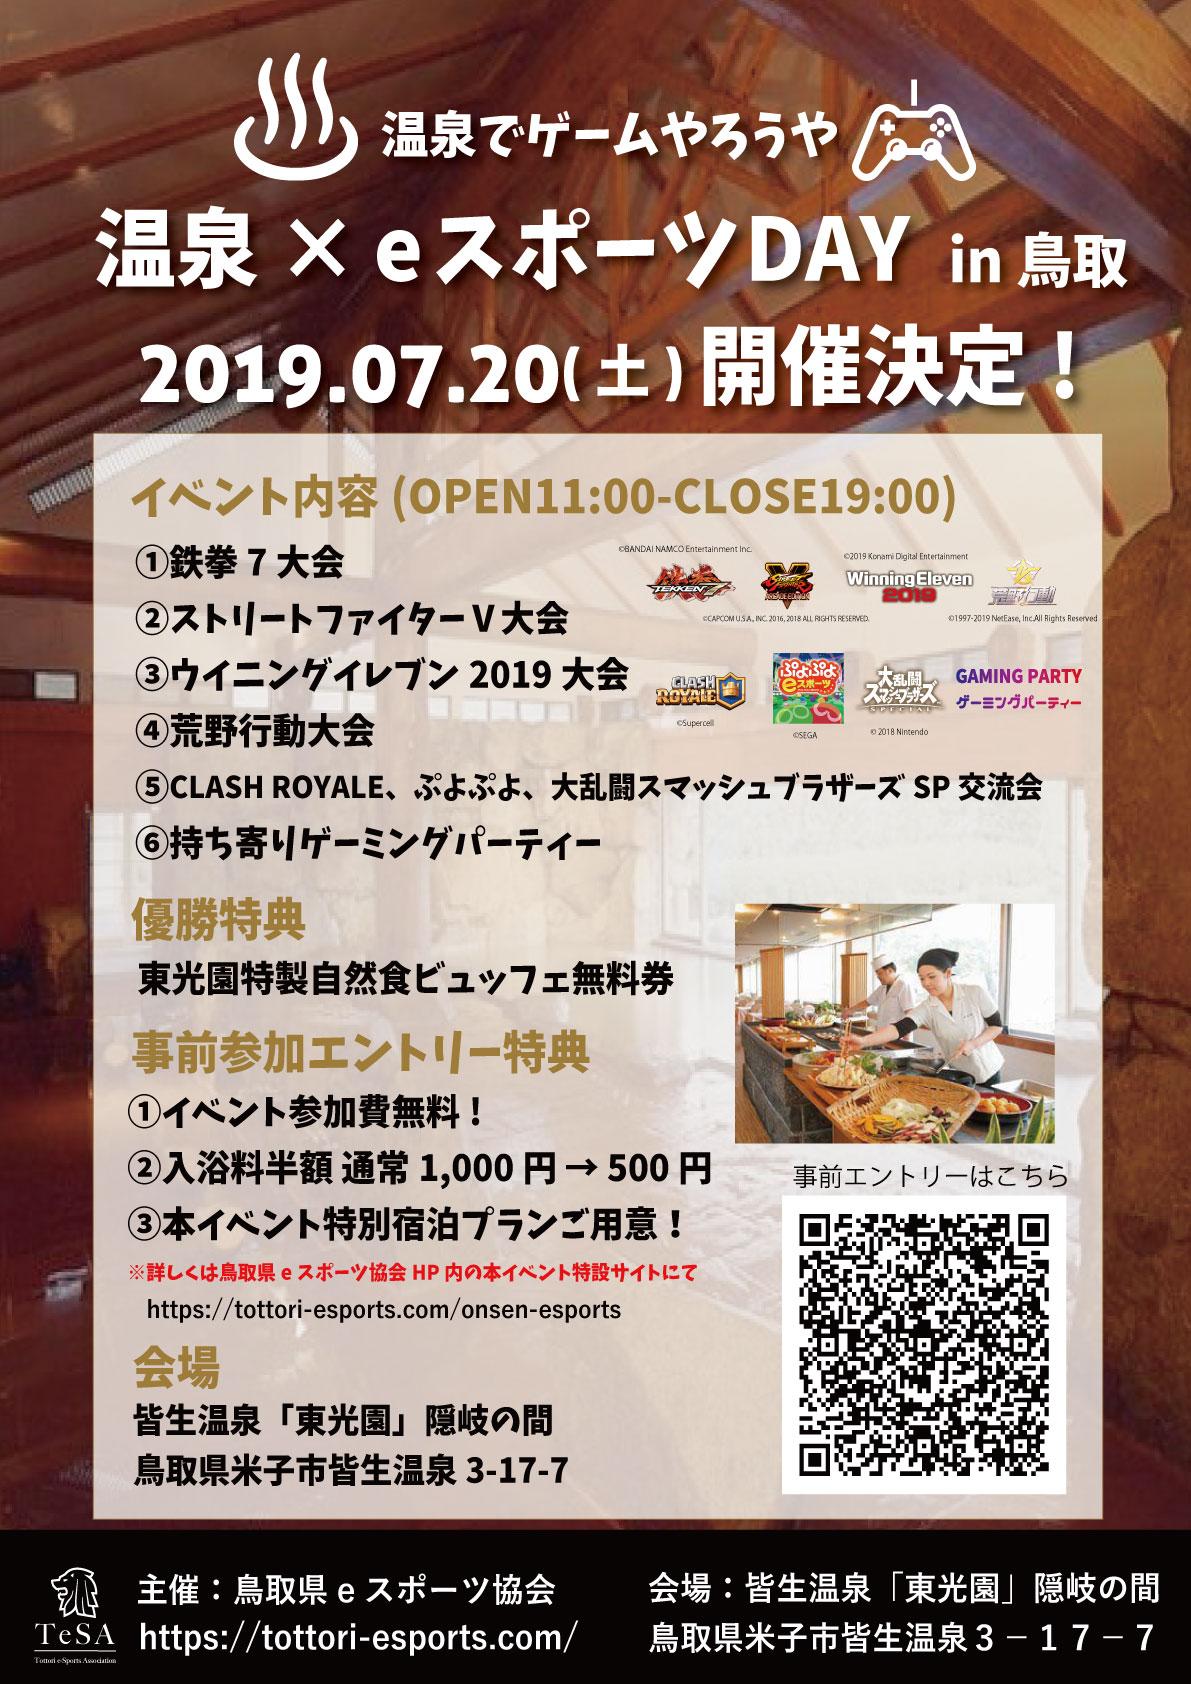 温泉×eスポーツDAY in 鳥取開催7/20(土)@皆生温泉「東光園 隠岐の間」